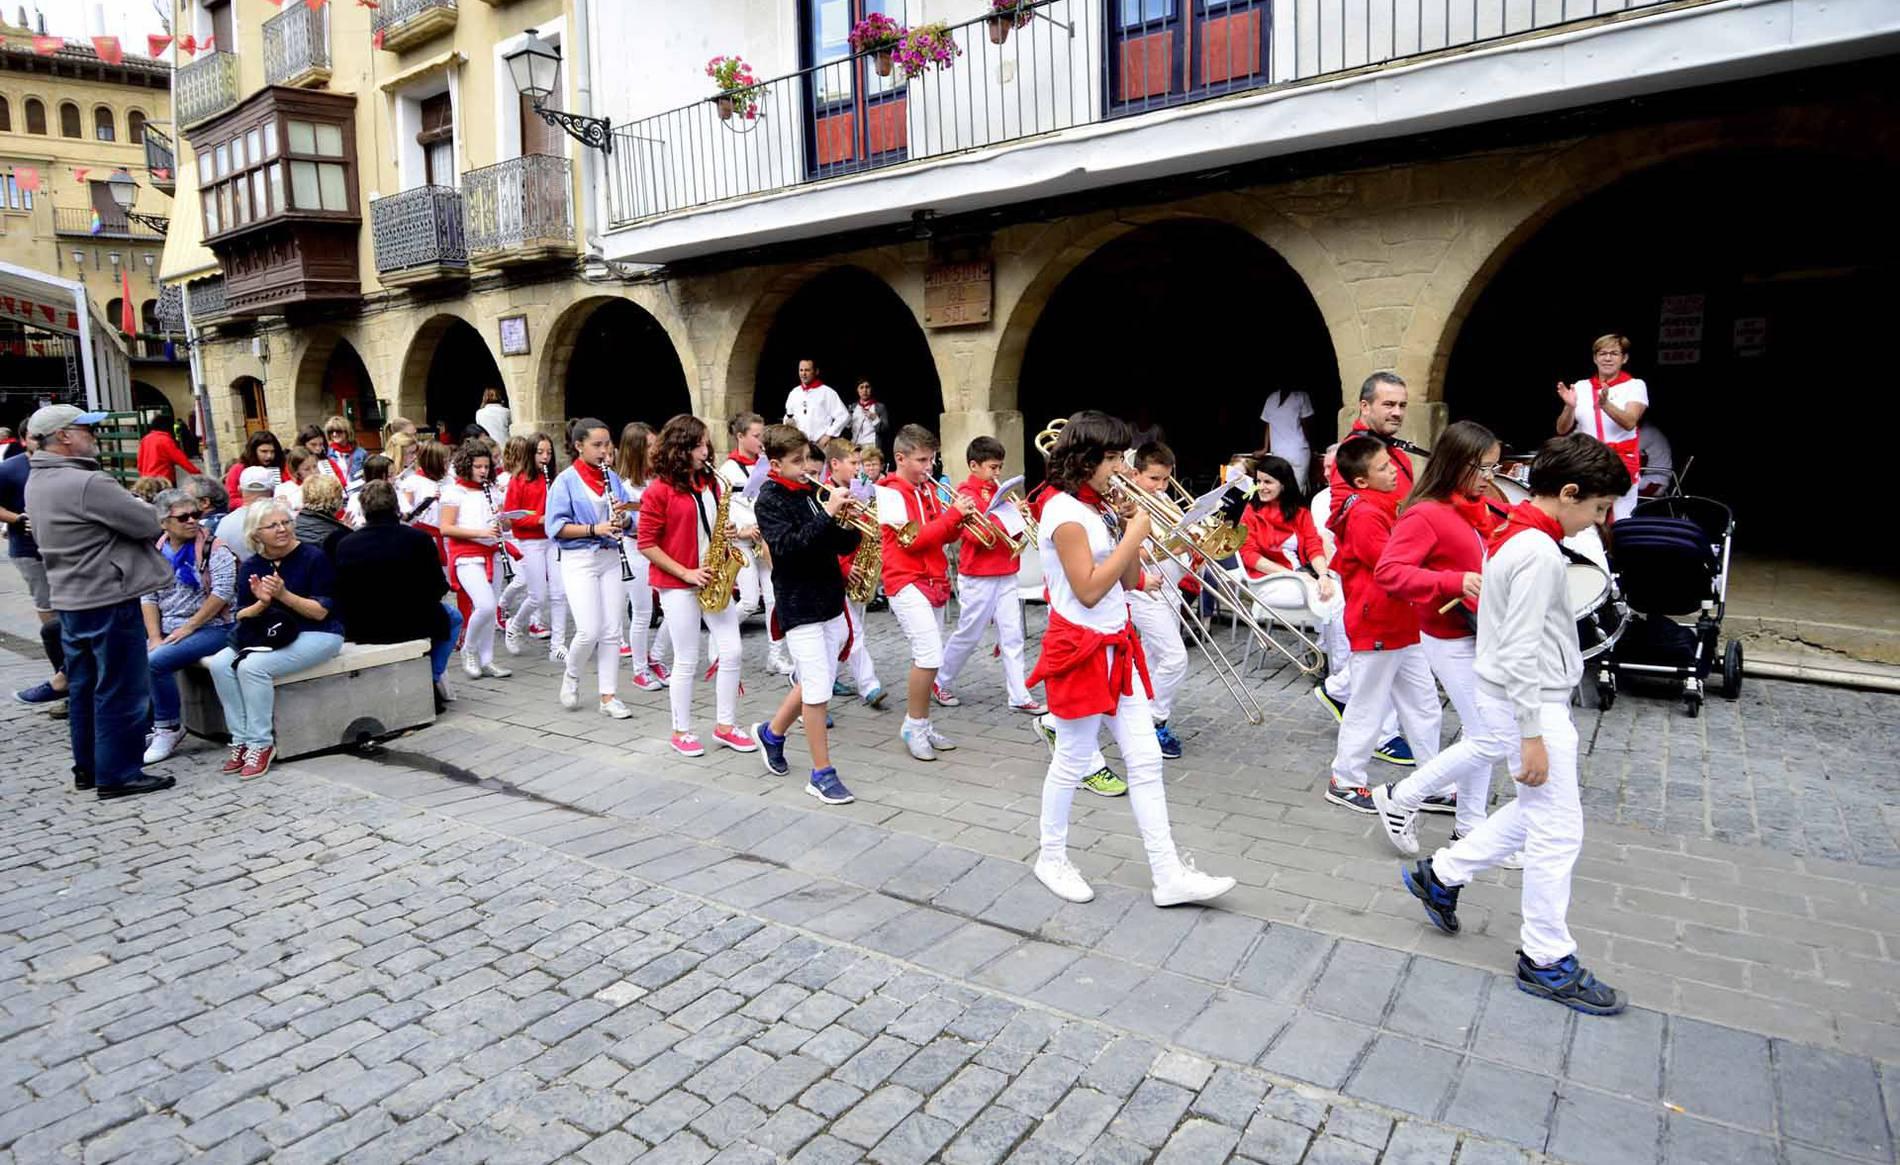 Olite recupera el día de la música en sus fiestas (1/17) - Fotos del día de la música en las fiestas de Olite - Tafalla y Zona Media -